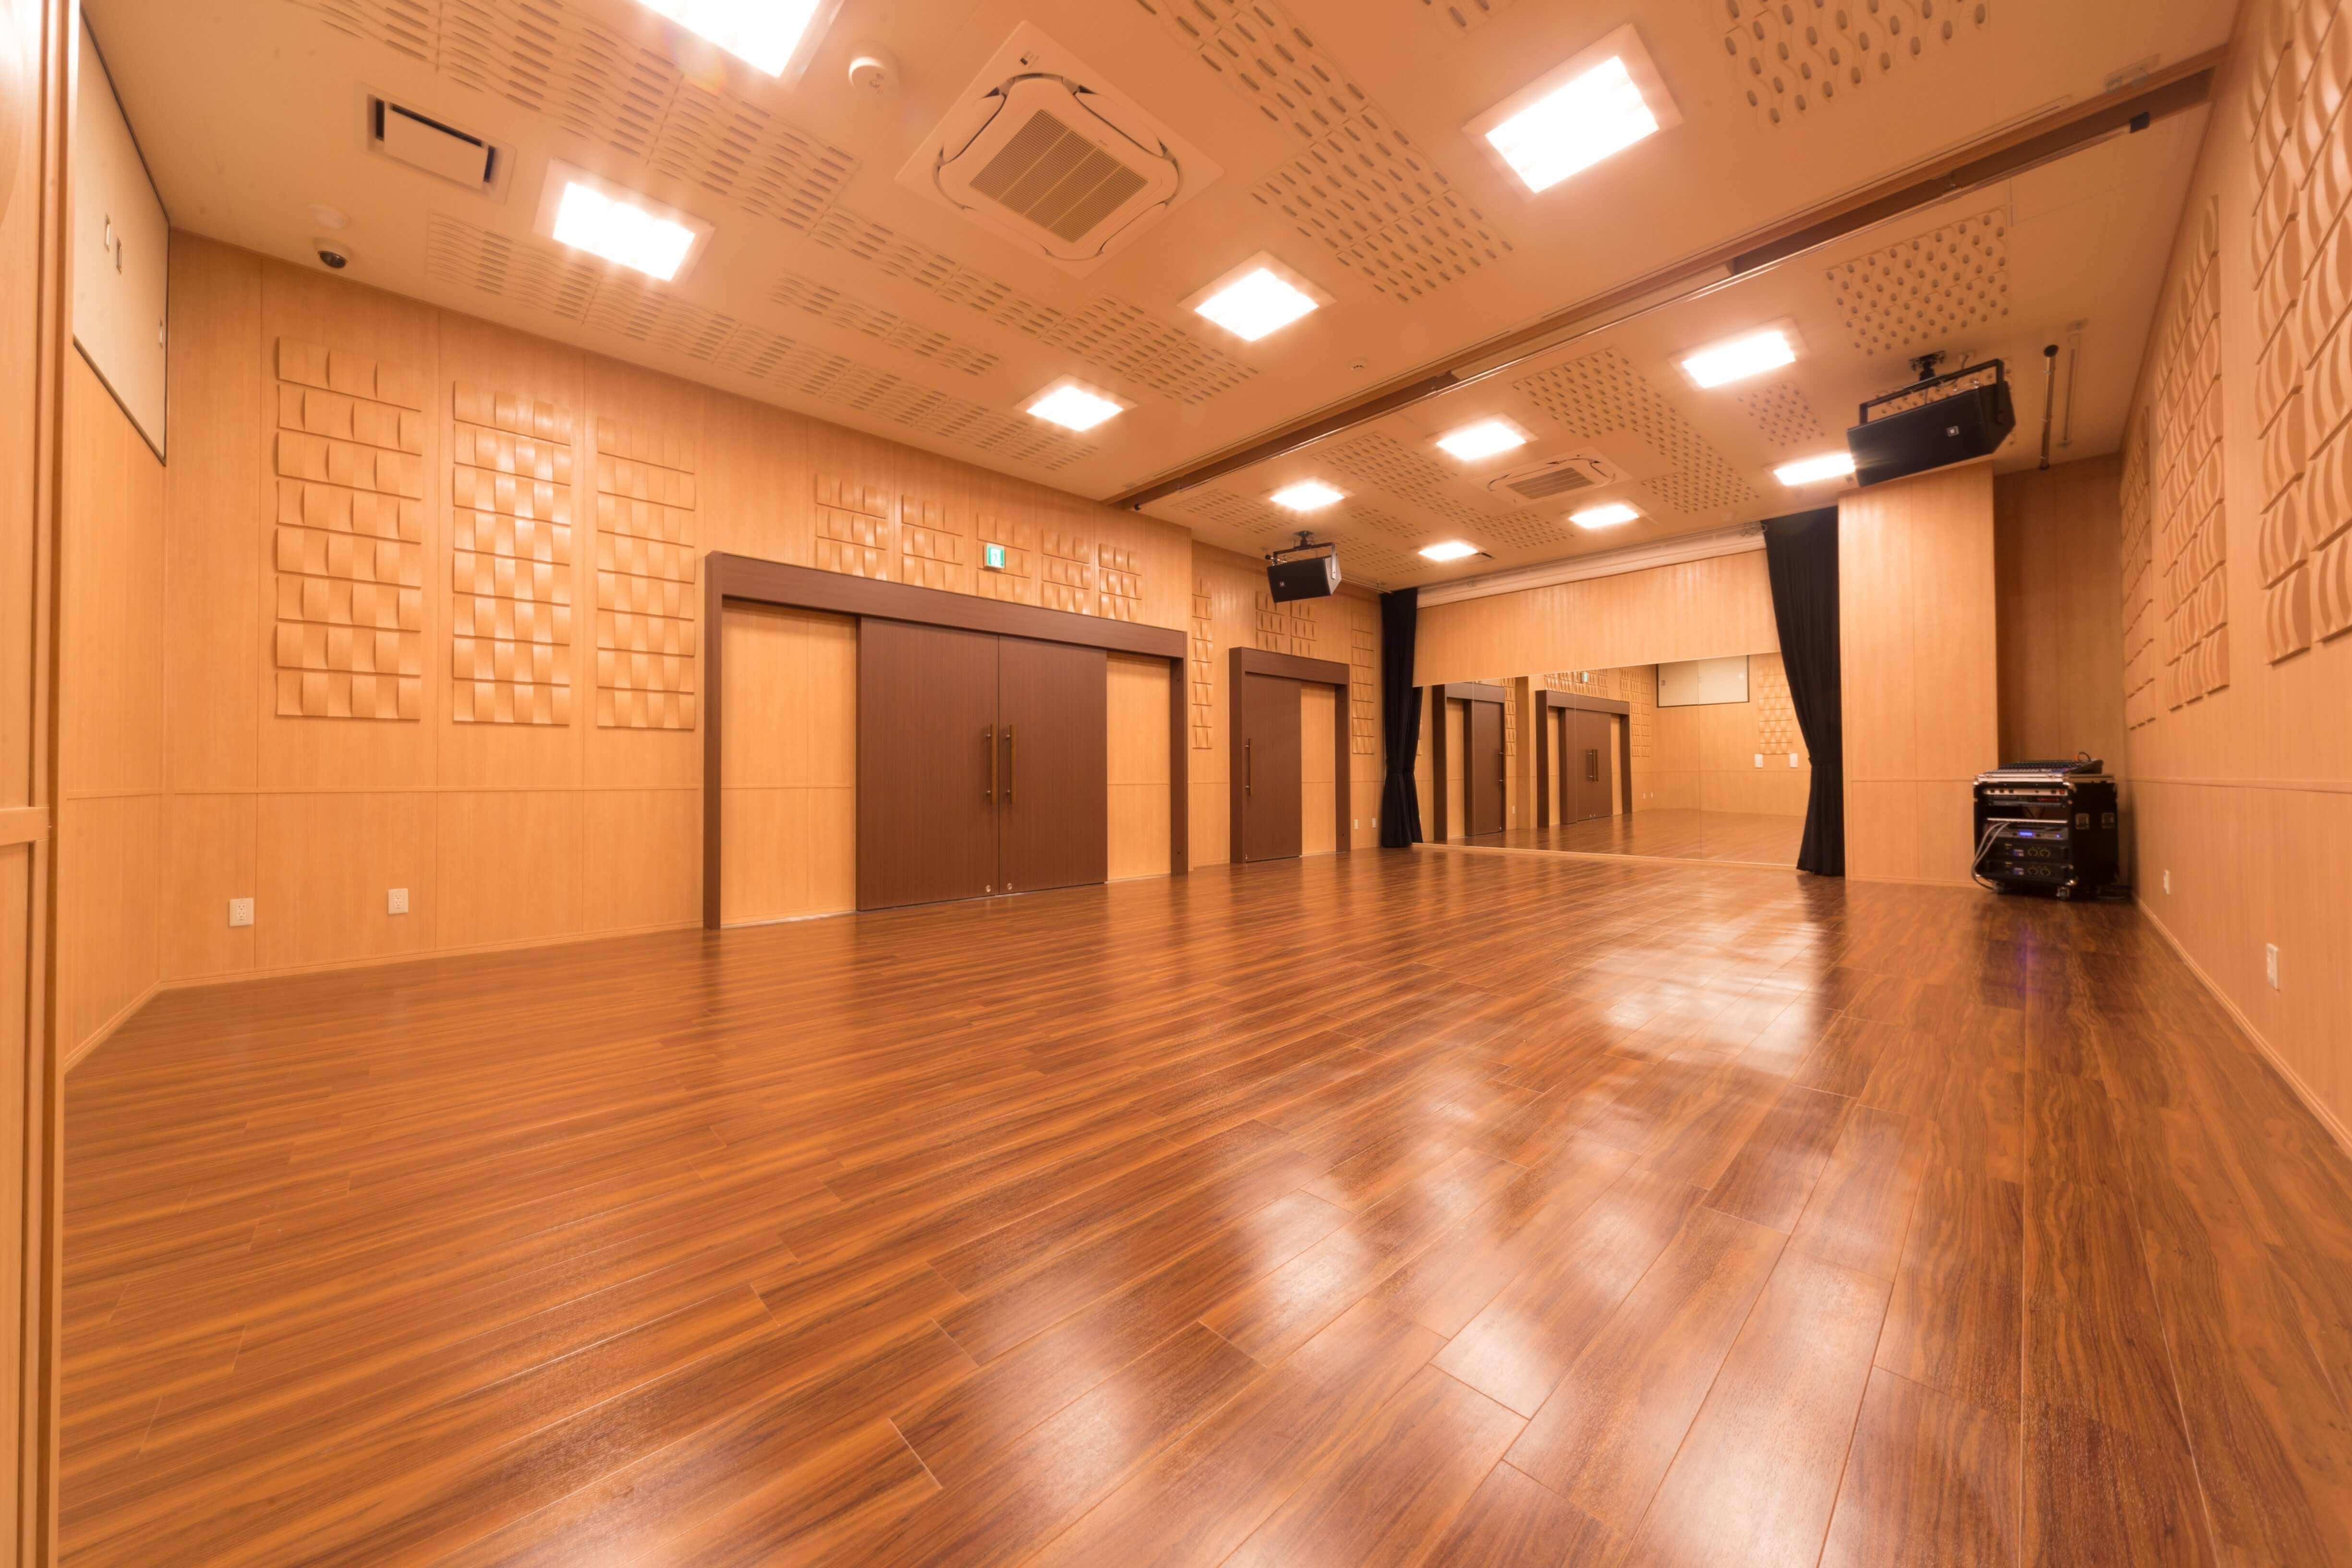 神戸大倉山駅ラズリカフェホール 内部